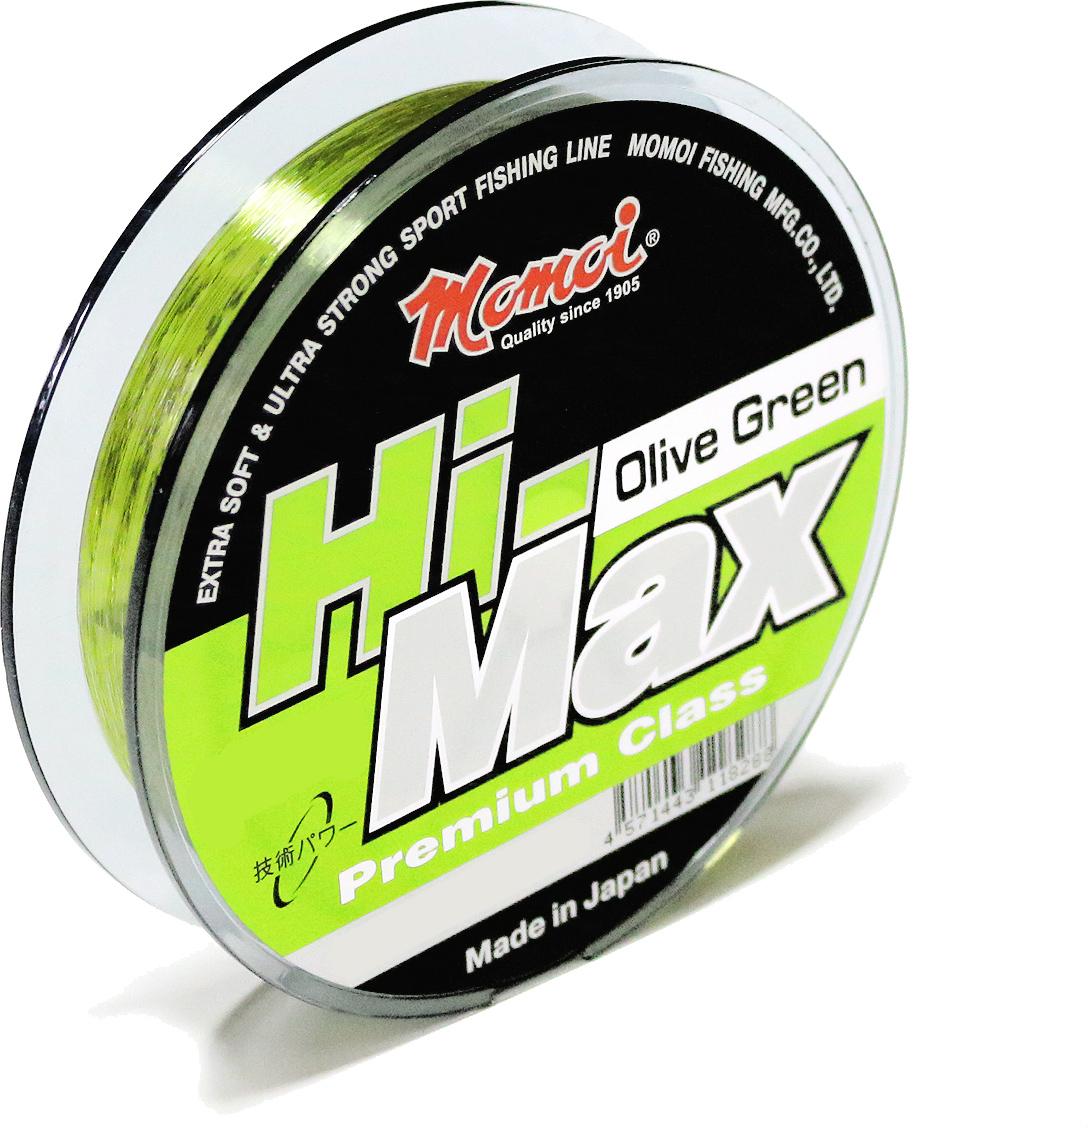 Леска Momoi Fishing Hi-Max Olive Green, 0,40 мм, 15,0 кг, 100 м4486Всесезонная рыболовная леска. Относится к типу спортивных лесок.Благодаря антистатическому скользкому покрытию идеально подходит как для спининга, так и для всех видов поплавочных удилищ с кольцами. Является одной из самых востребованных сополимерных лесок из-за отсутствия эффекта памяти и высокой узловой прочности.